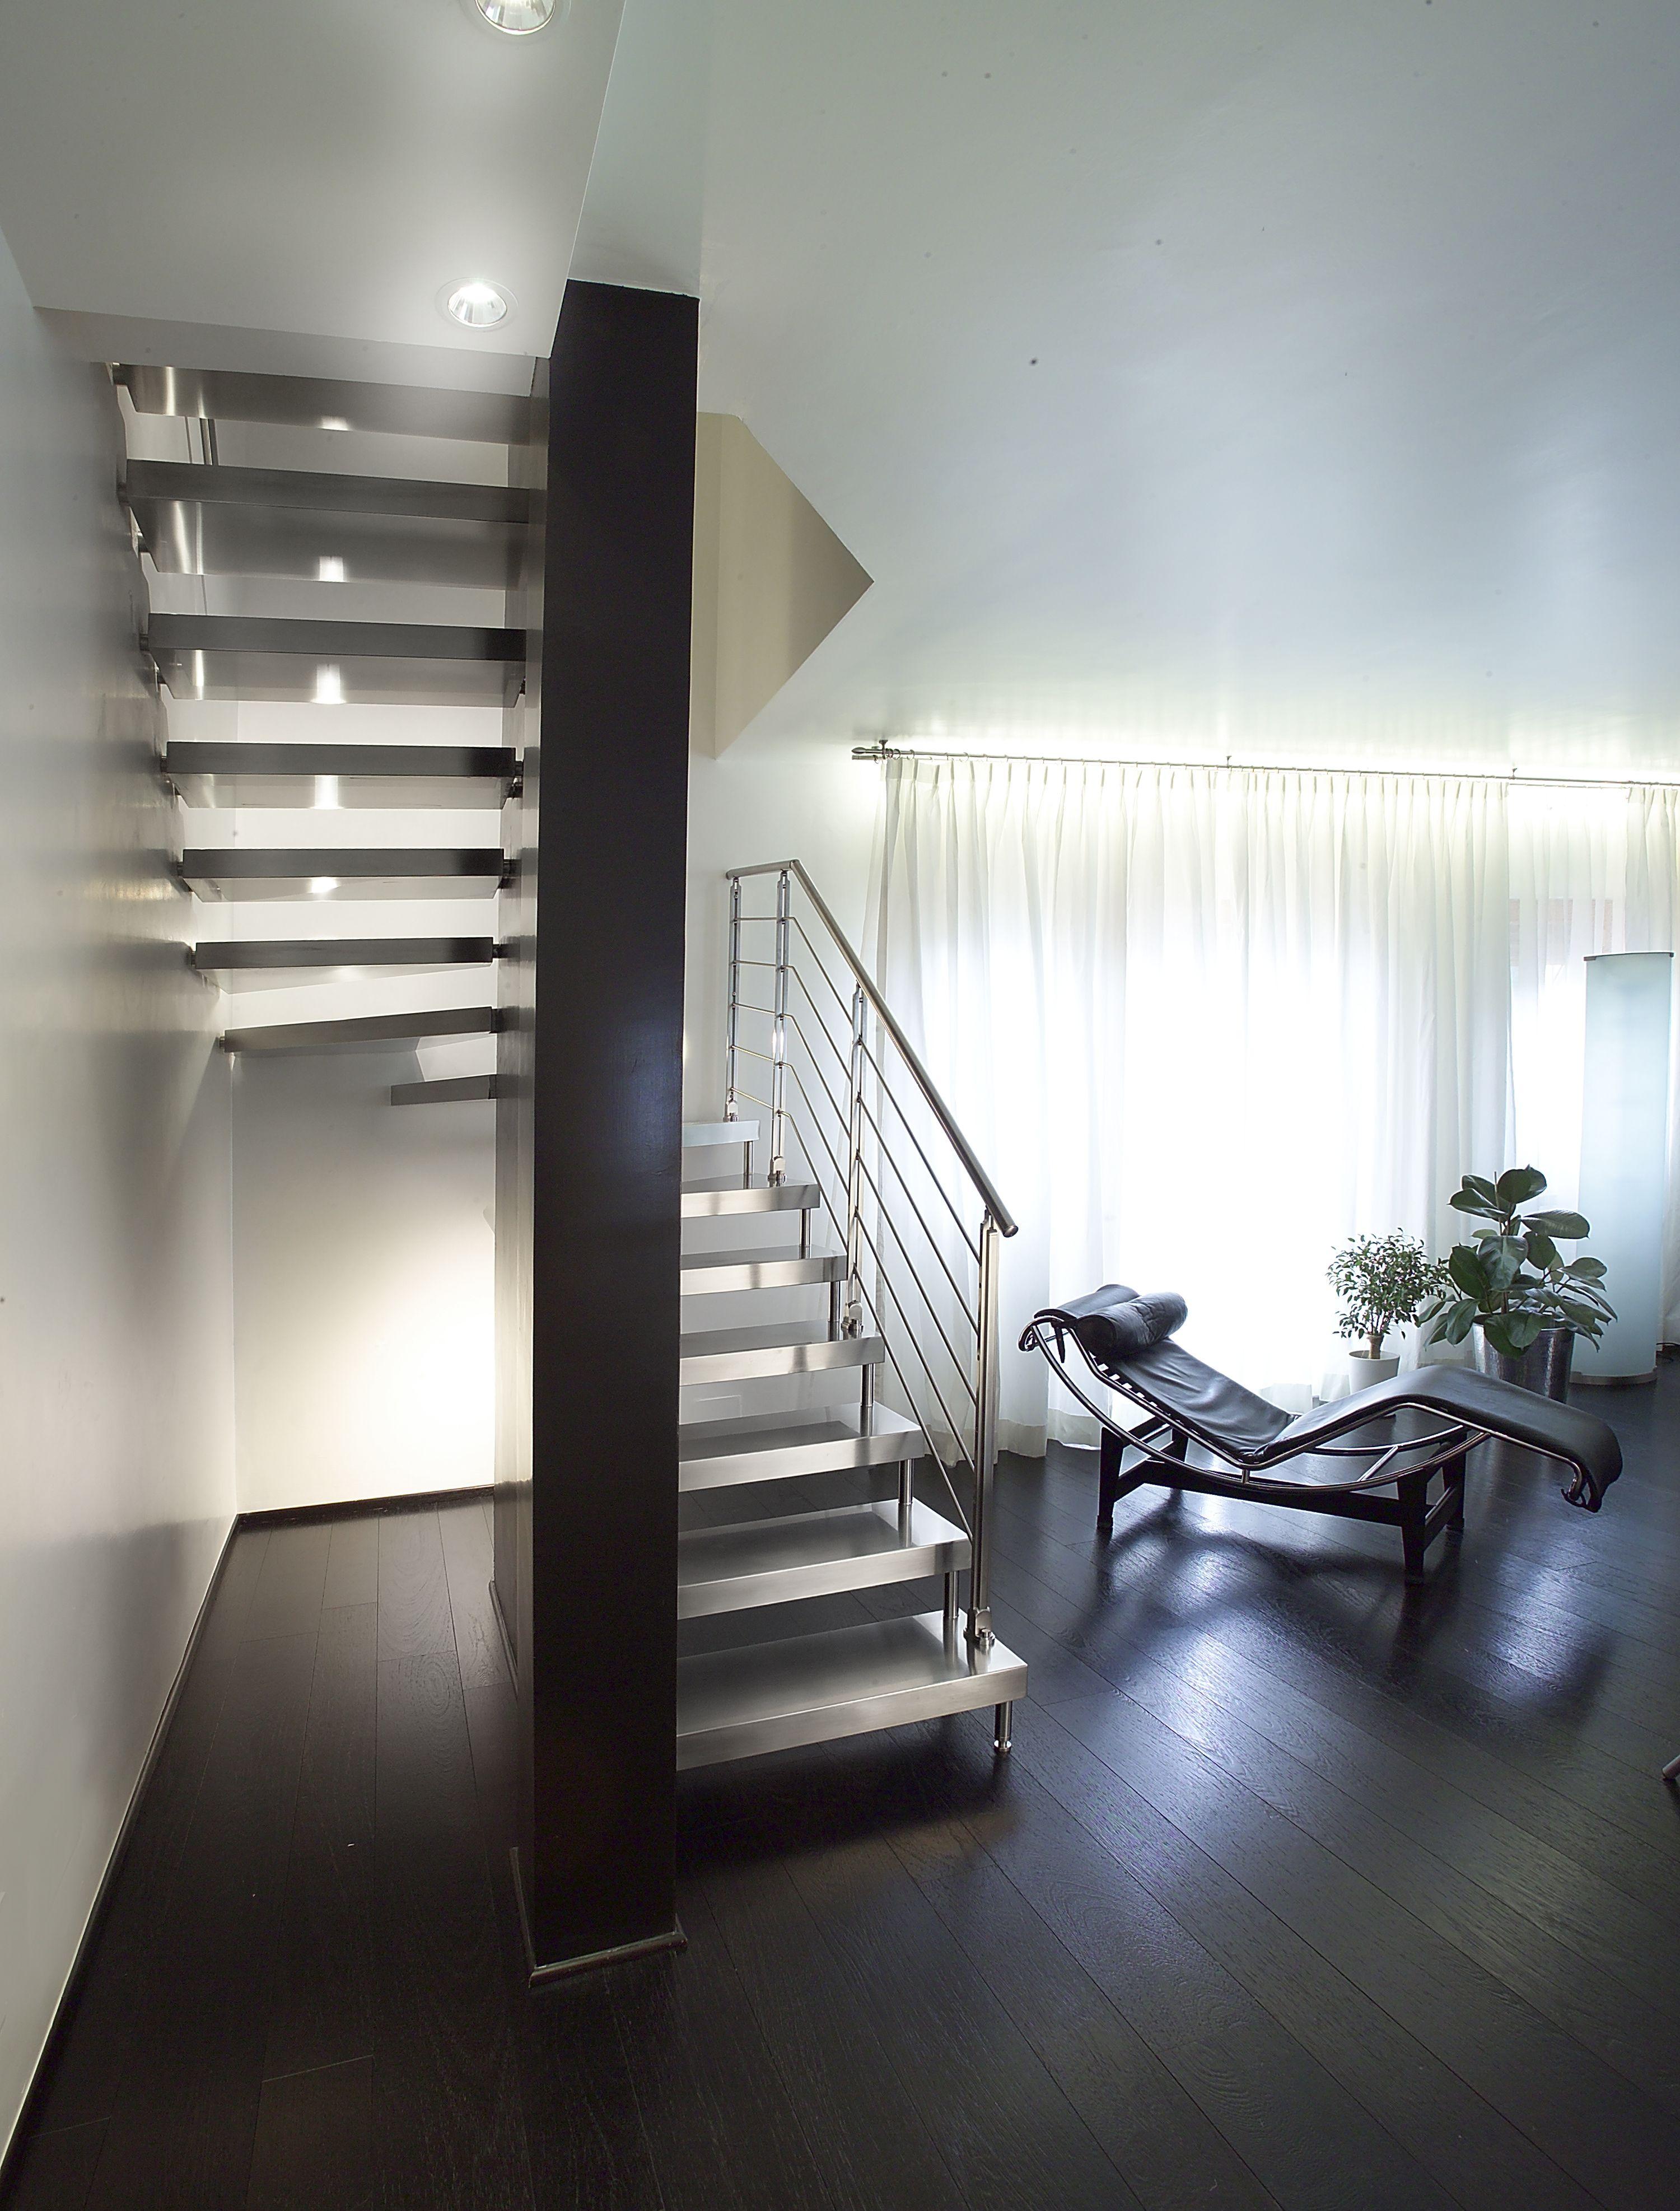 escalier suspendu demi tournant marches en bois. Black Bedroom Furniture Sets. Home Design Ideas